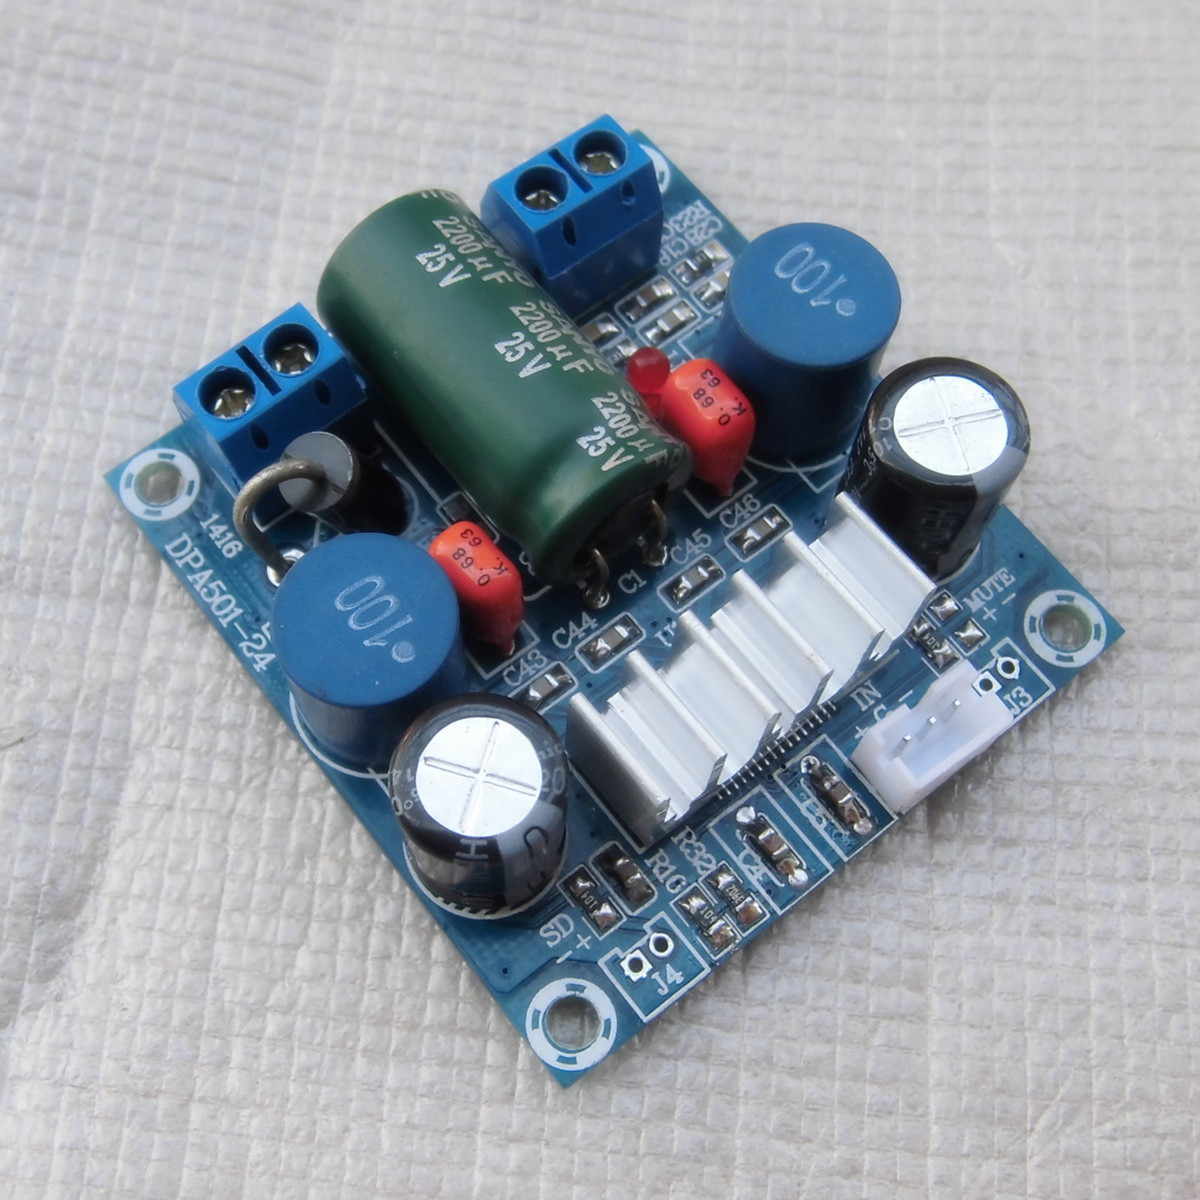 все цены на  Single channel digital power amplifier board 100W 12-24V power amplifier TPA3116 power supply battery power supply  онлайн